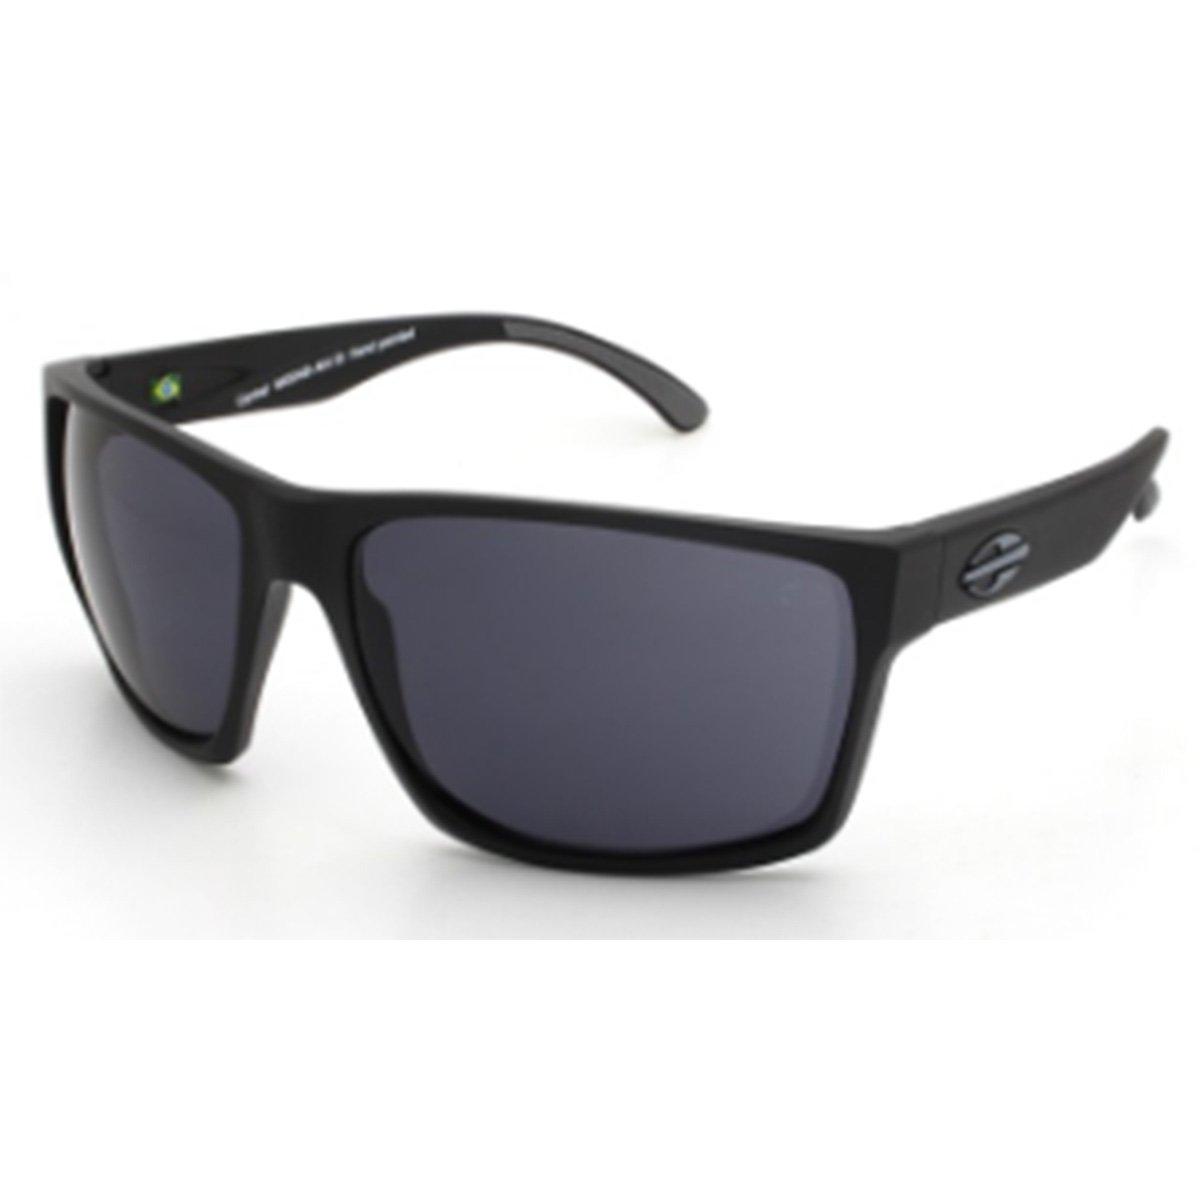 Compre Óculos de Sol Mormaii Carmel em 10X   Tri-Jóia Shop eeffc4f49d